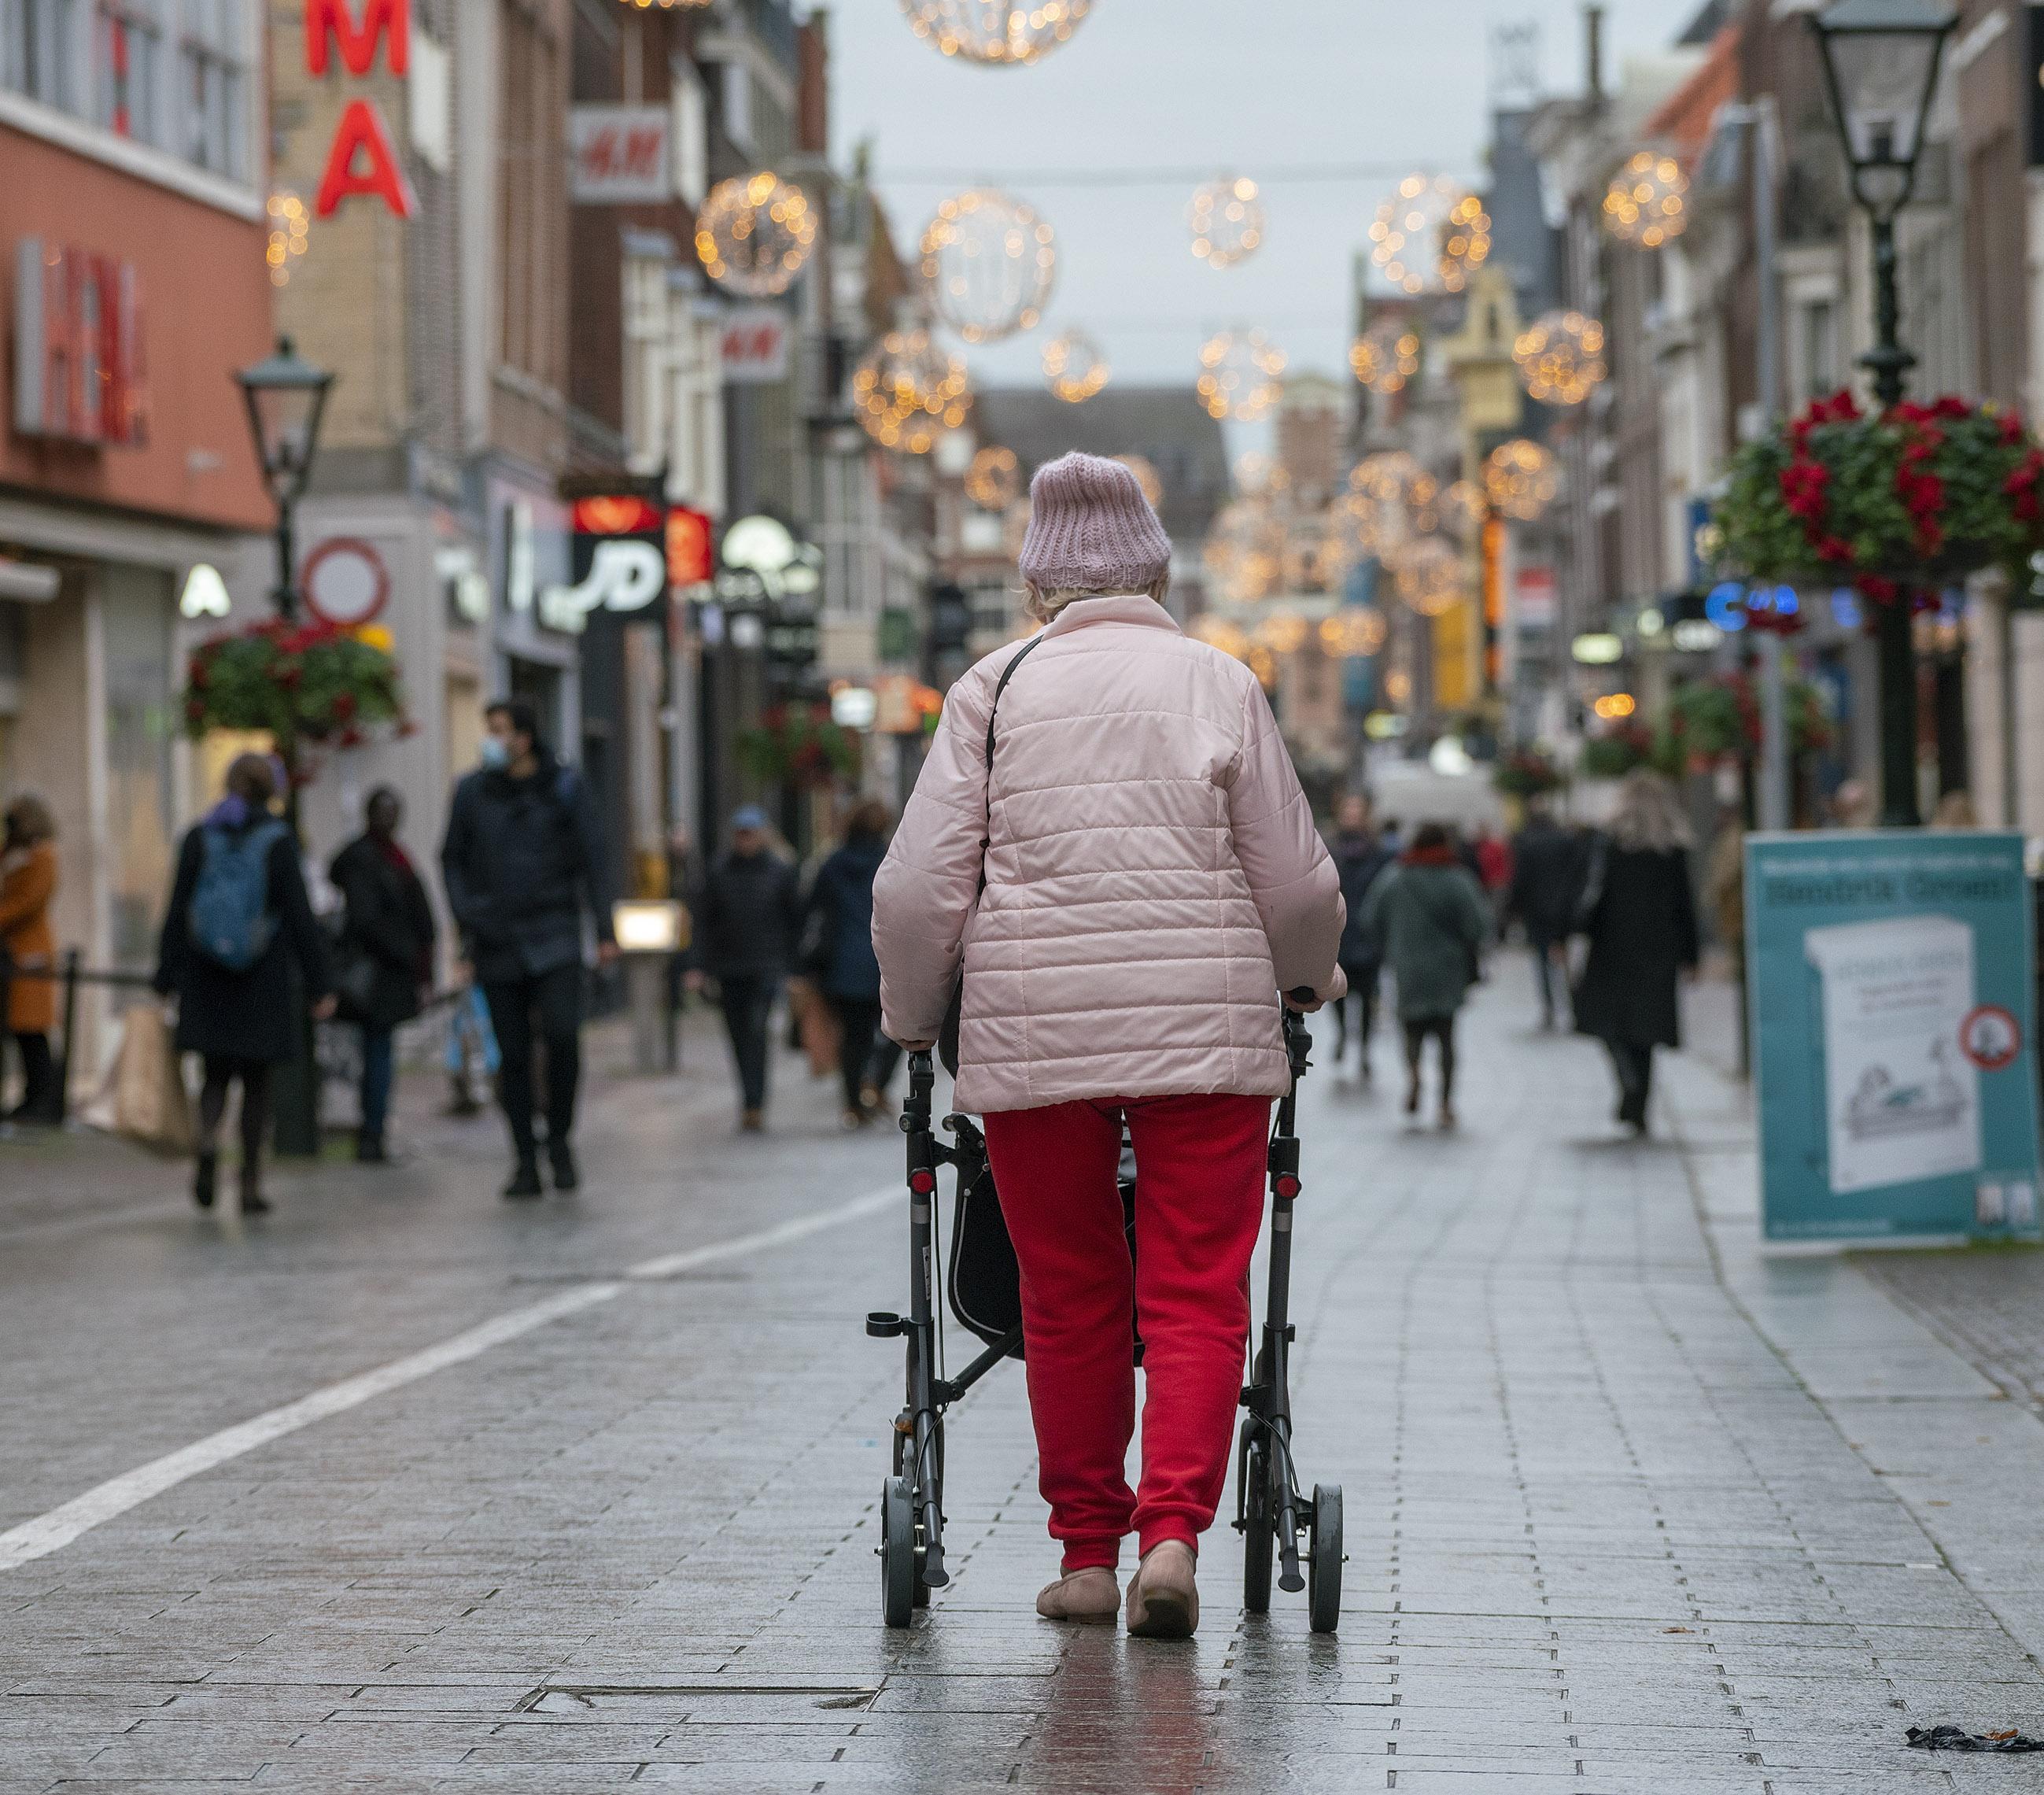 'Alkmaar verzamelt gegevens burgers via wifi-tracking en dat mag niet', zeggen de Autoriteit Persoonsgegevens, Privacy First en Bits of Freedom